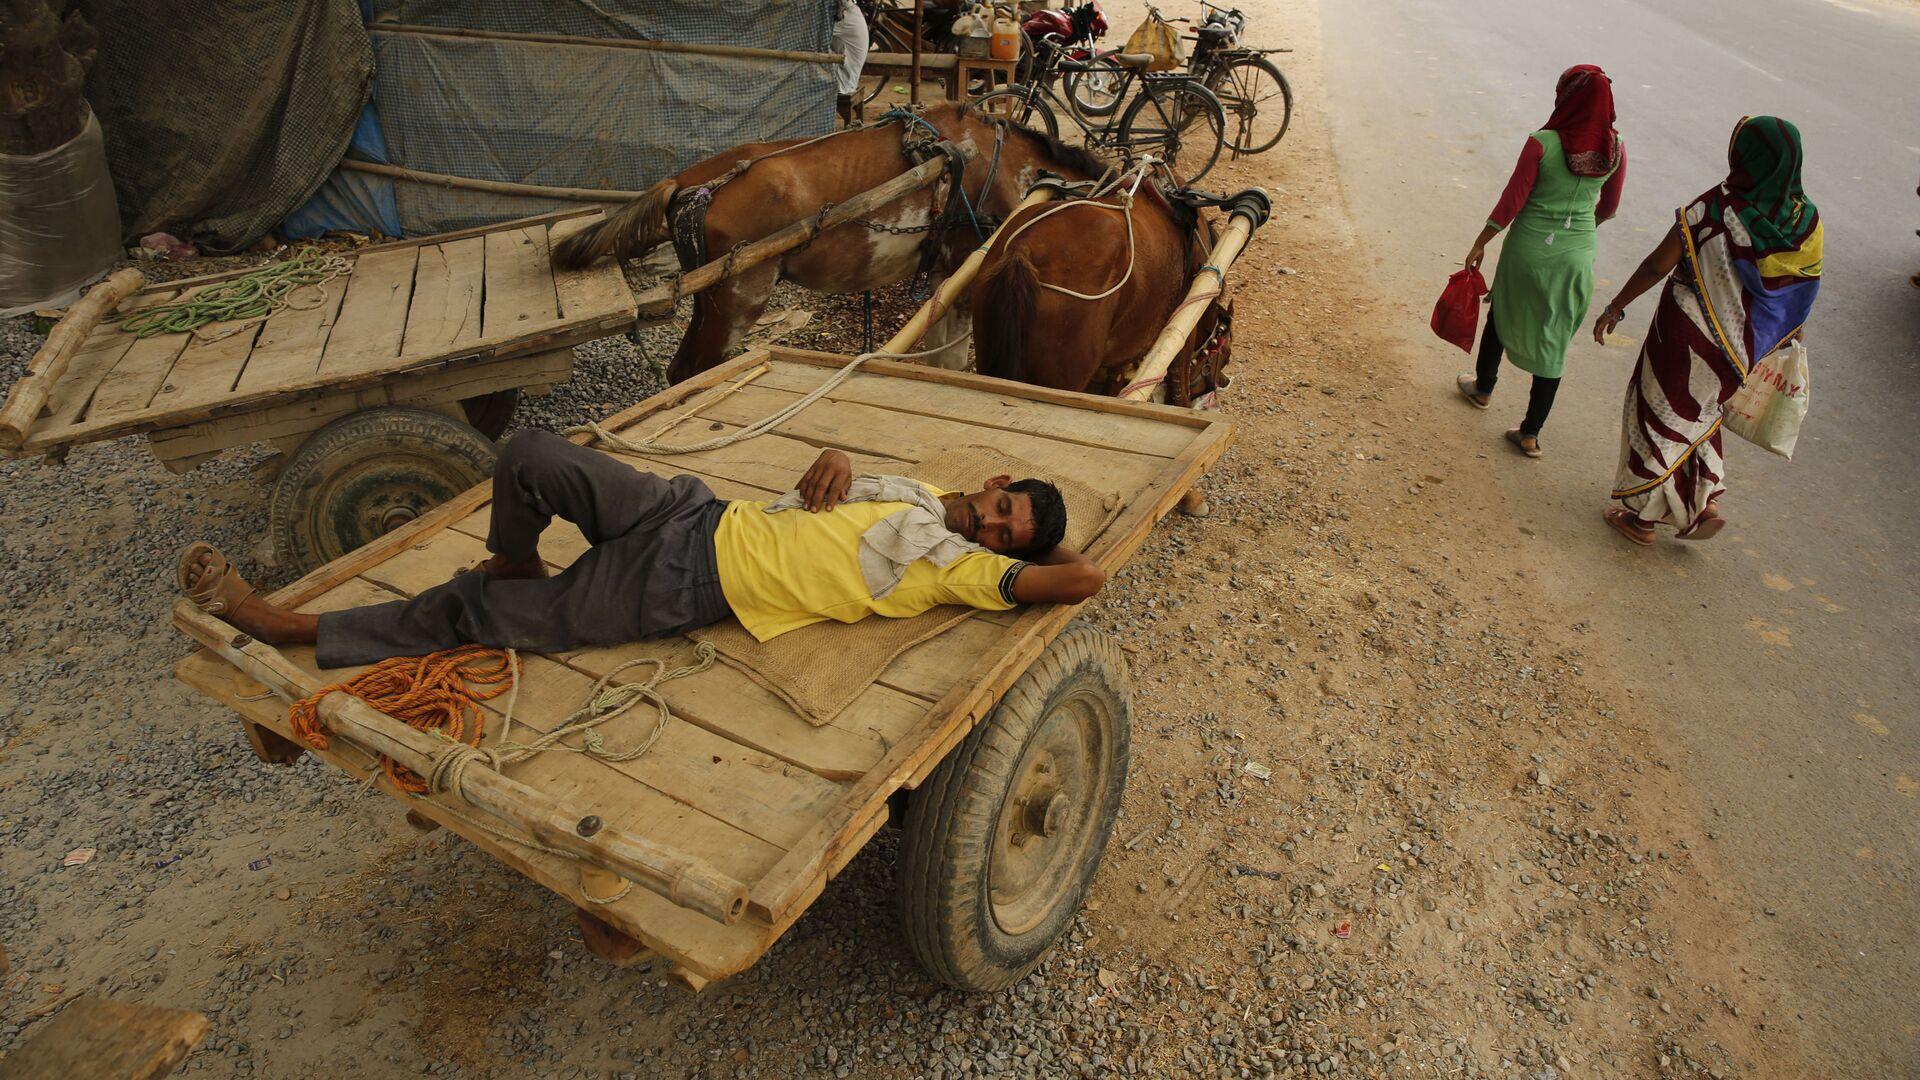 Мужчина спит в повозке во время аномальной жары, Индия - Sputnik Italia, 1920, 30.08.2021